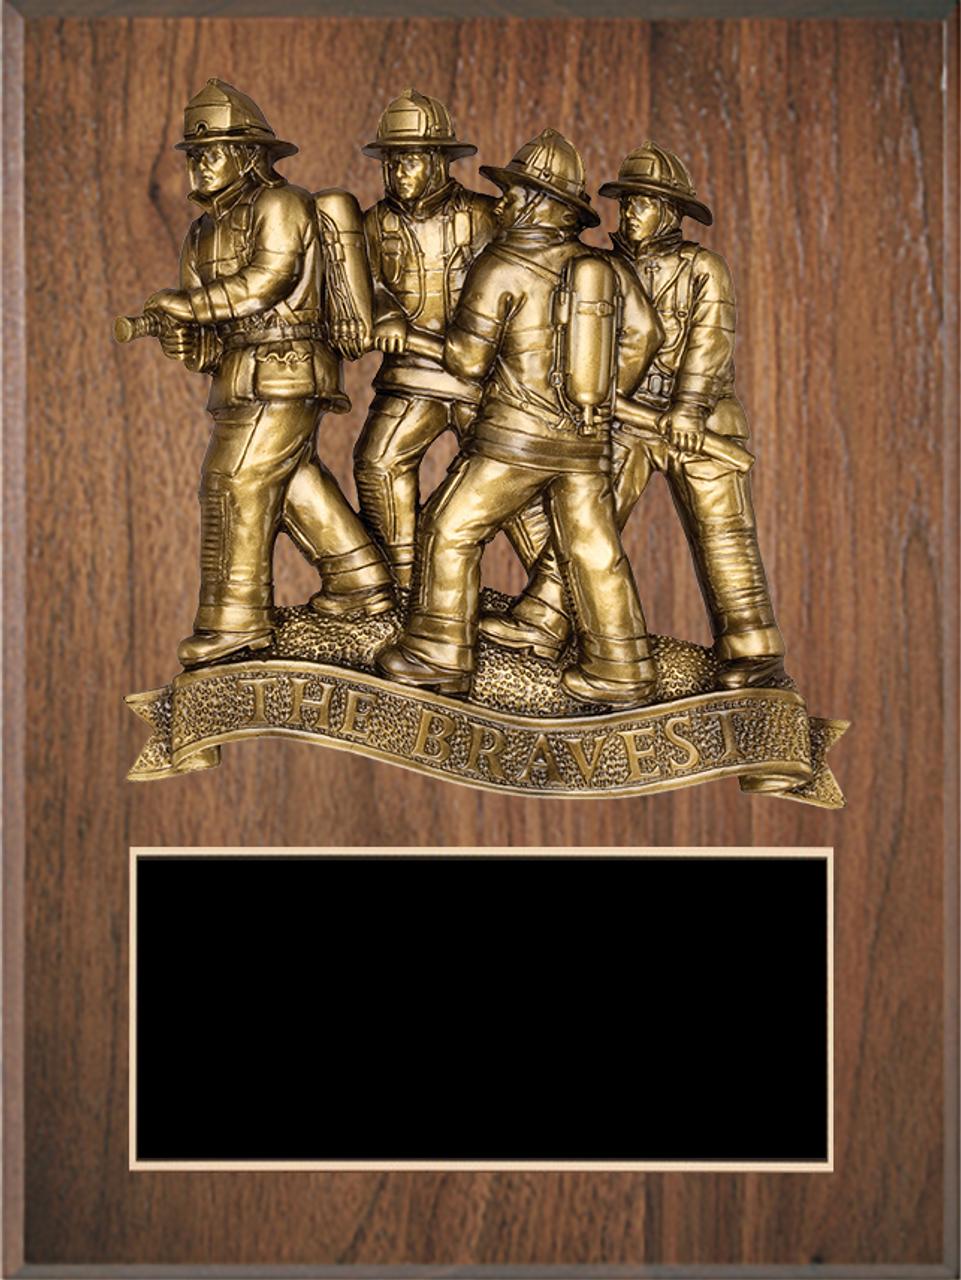 LSR-PLQ-SOL-FD25: Solid Wood w/Laser Engraved Black Brass Plate & Firefighter Casting